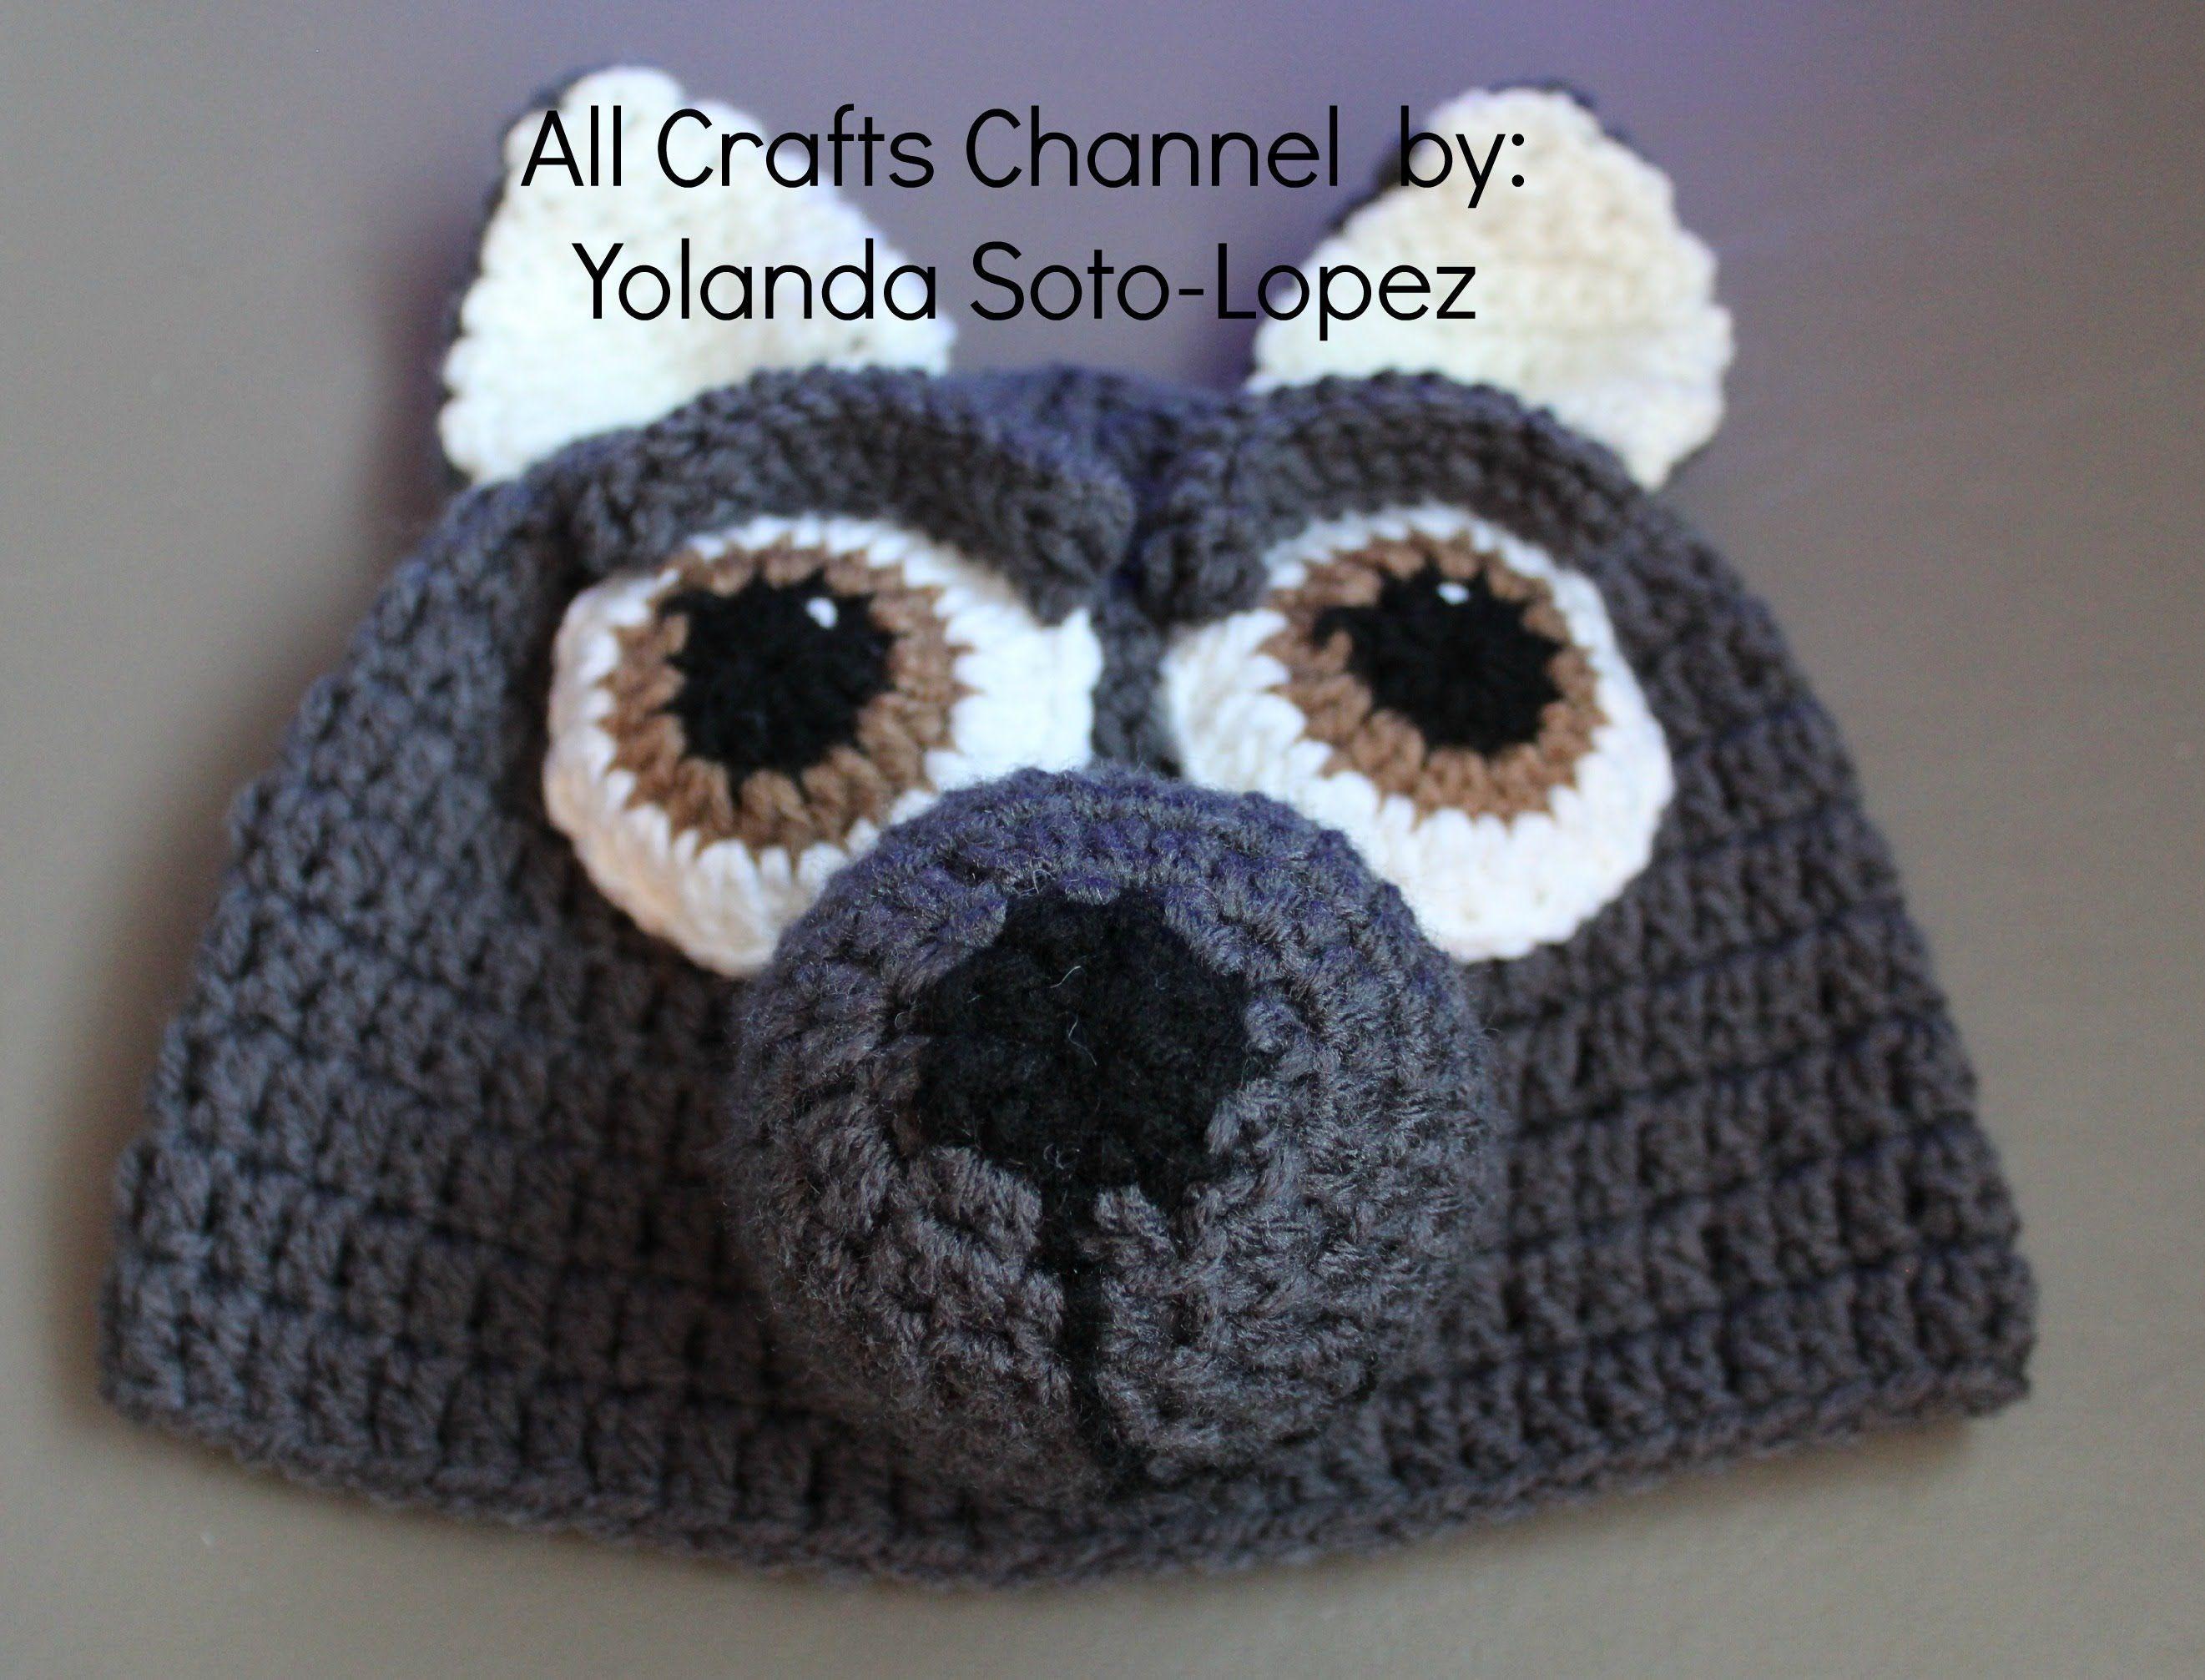 Gorro de lobo en #crochet -video dos | gato gorra | Pinterest ...